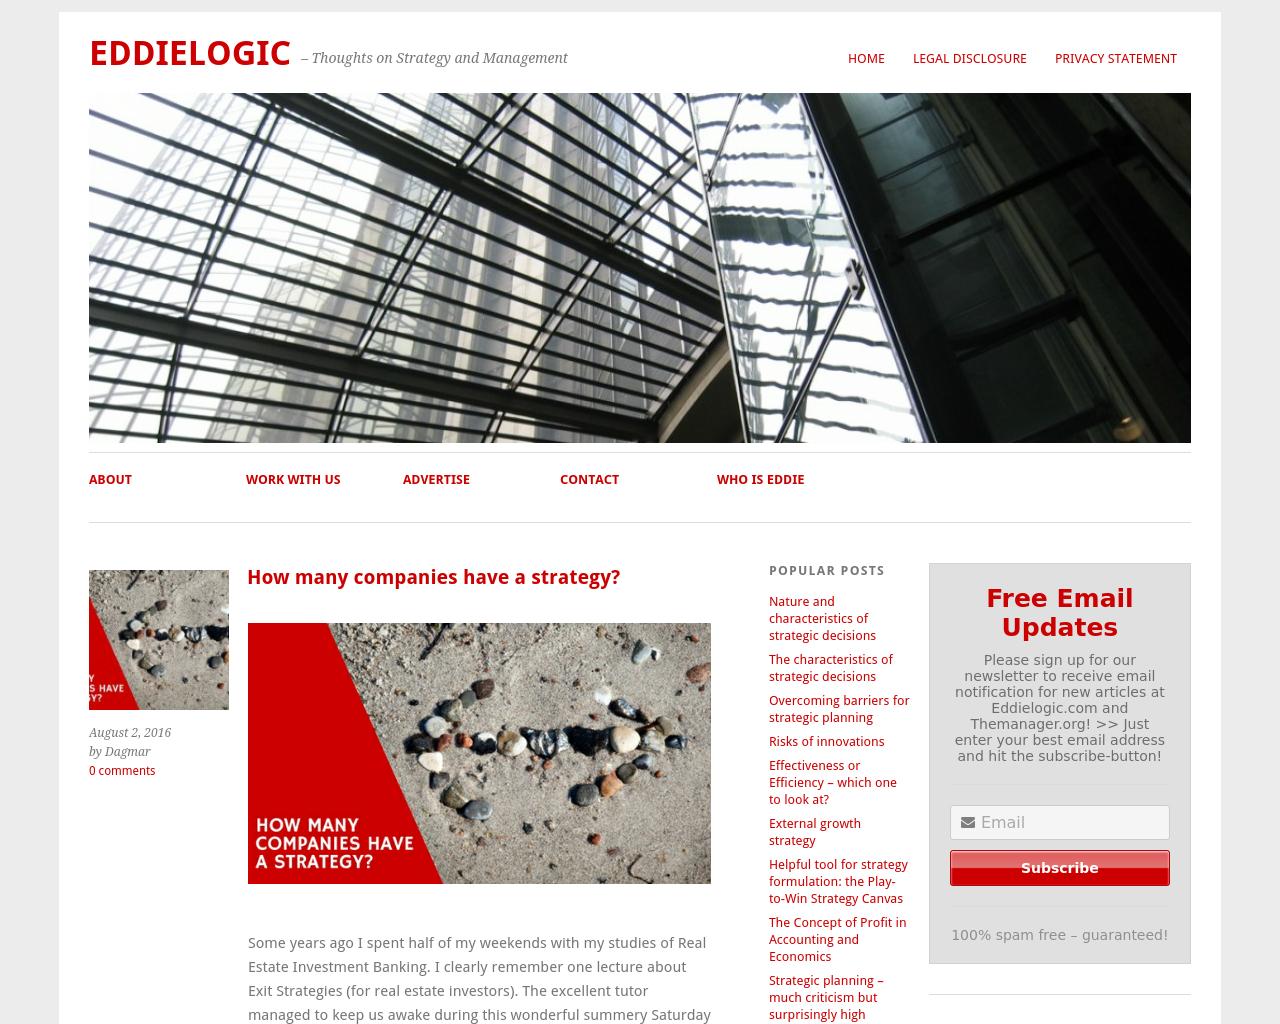 Eddielogic-Advertising-Reviews-Pricing